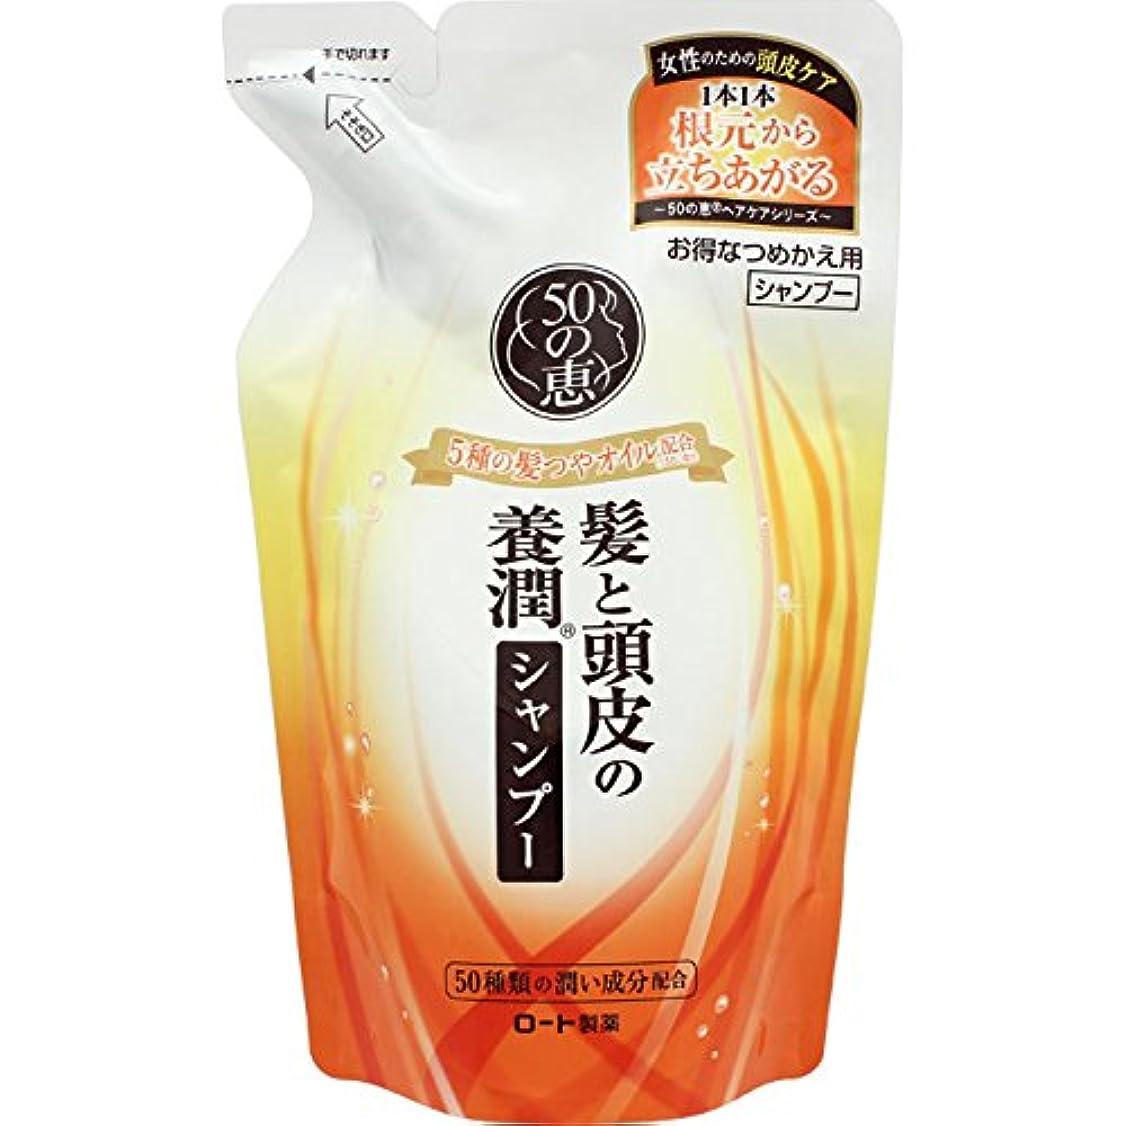 物質柔らかさたくさんのロート製薬 50の恵エイジングケア 髪と頭皮の養潤シャンプー 詰替用 330mL